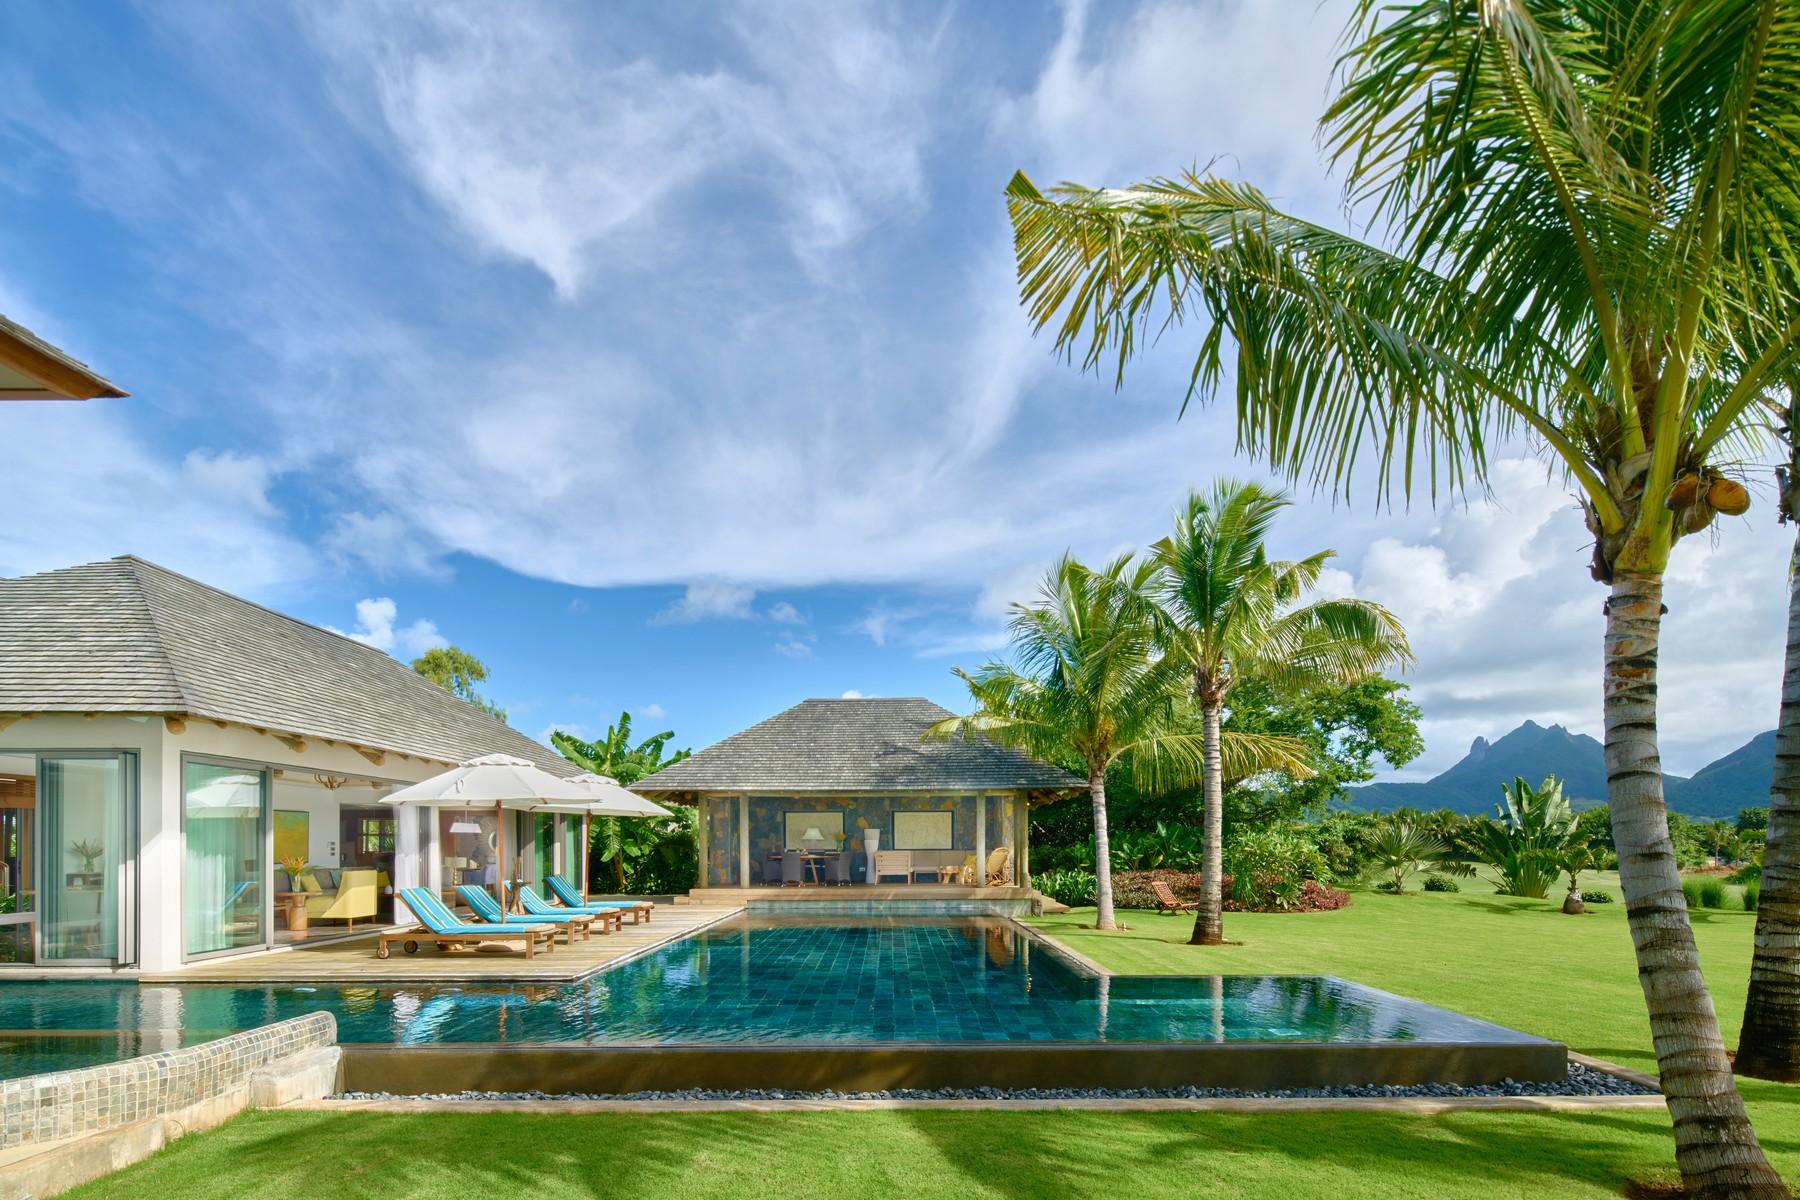 Single Family Home for Sale at Solaia Designer Golf estate, Anahita. Beau Champ, Flacq Mauritius